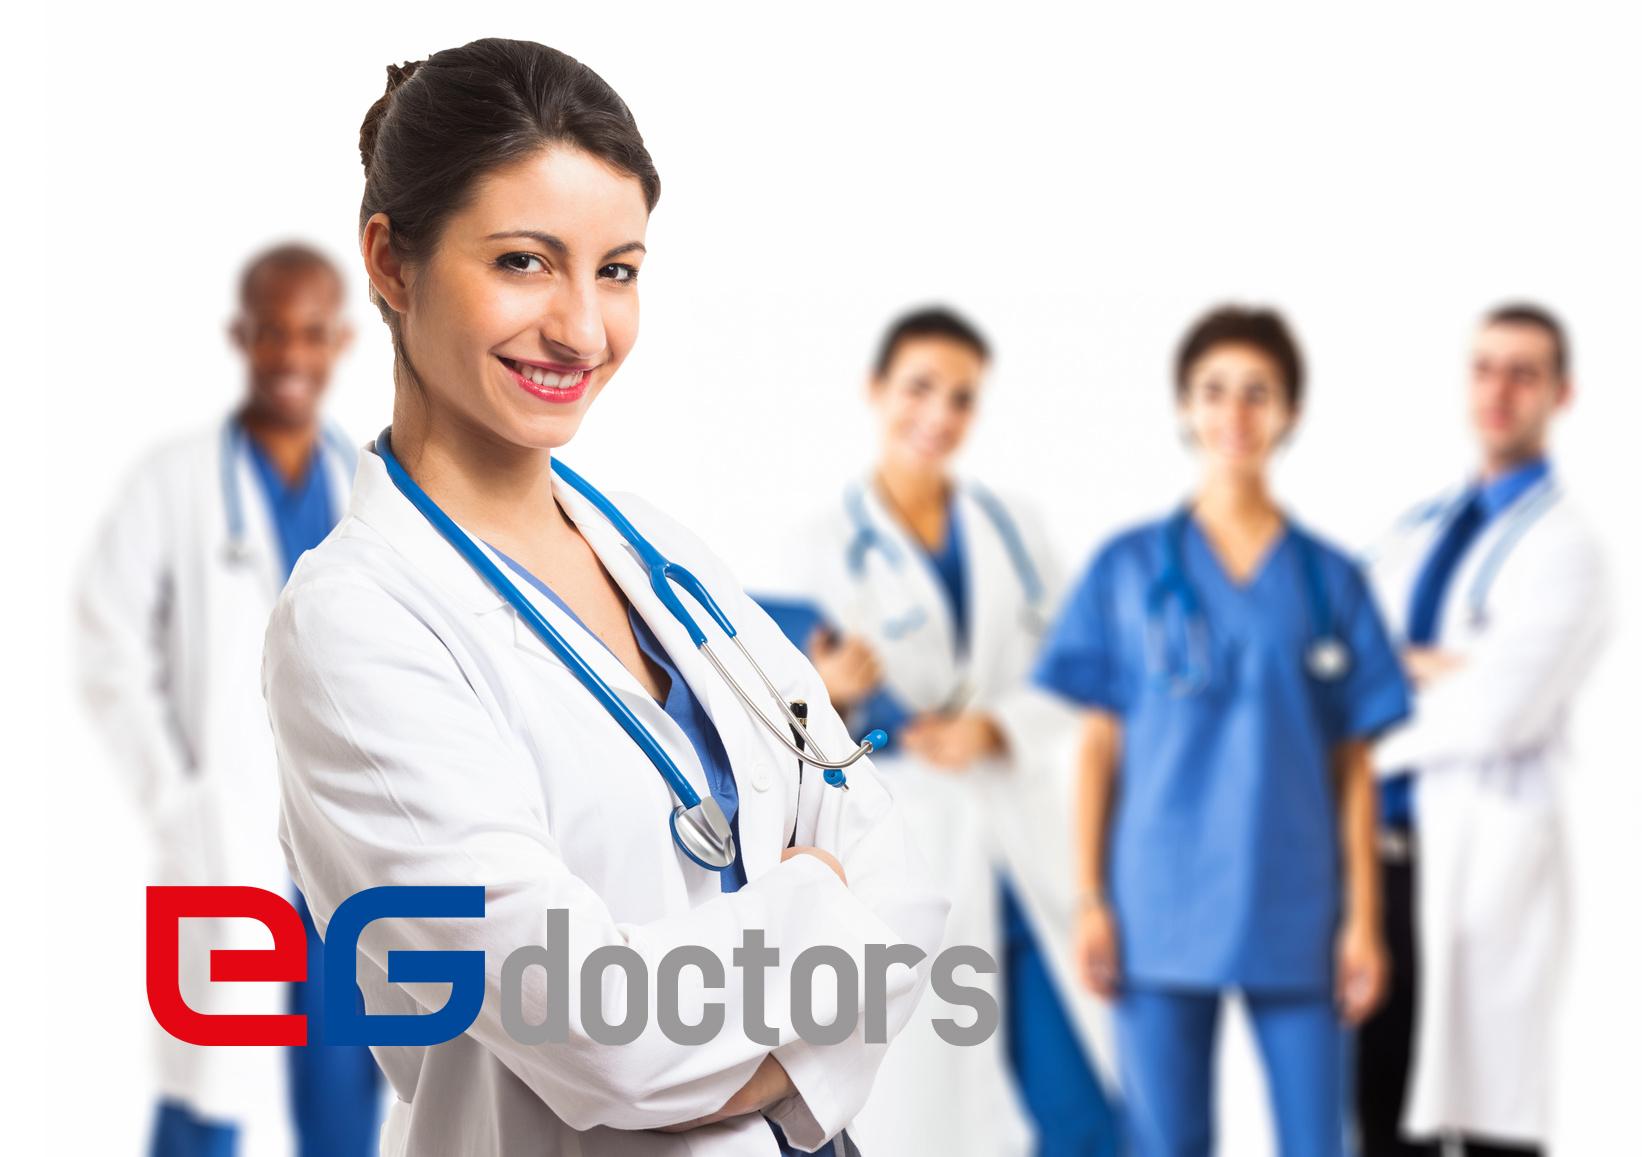 اطباء بموقع eg-doctors